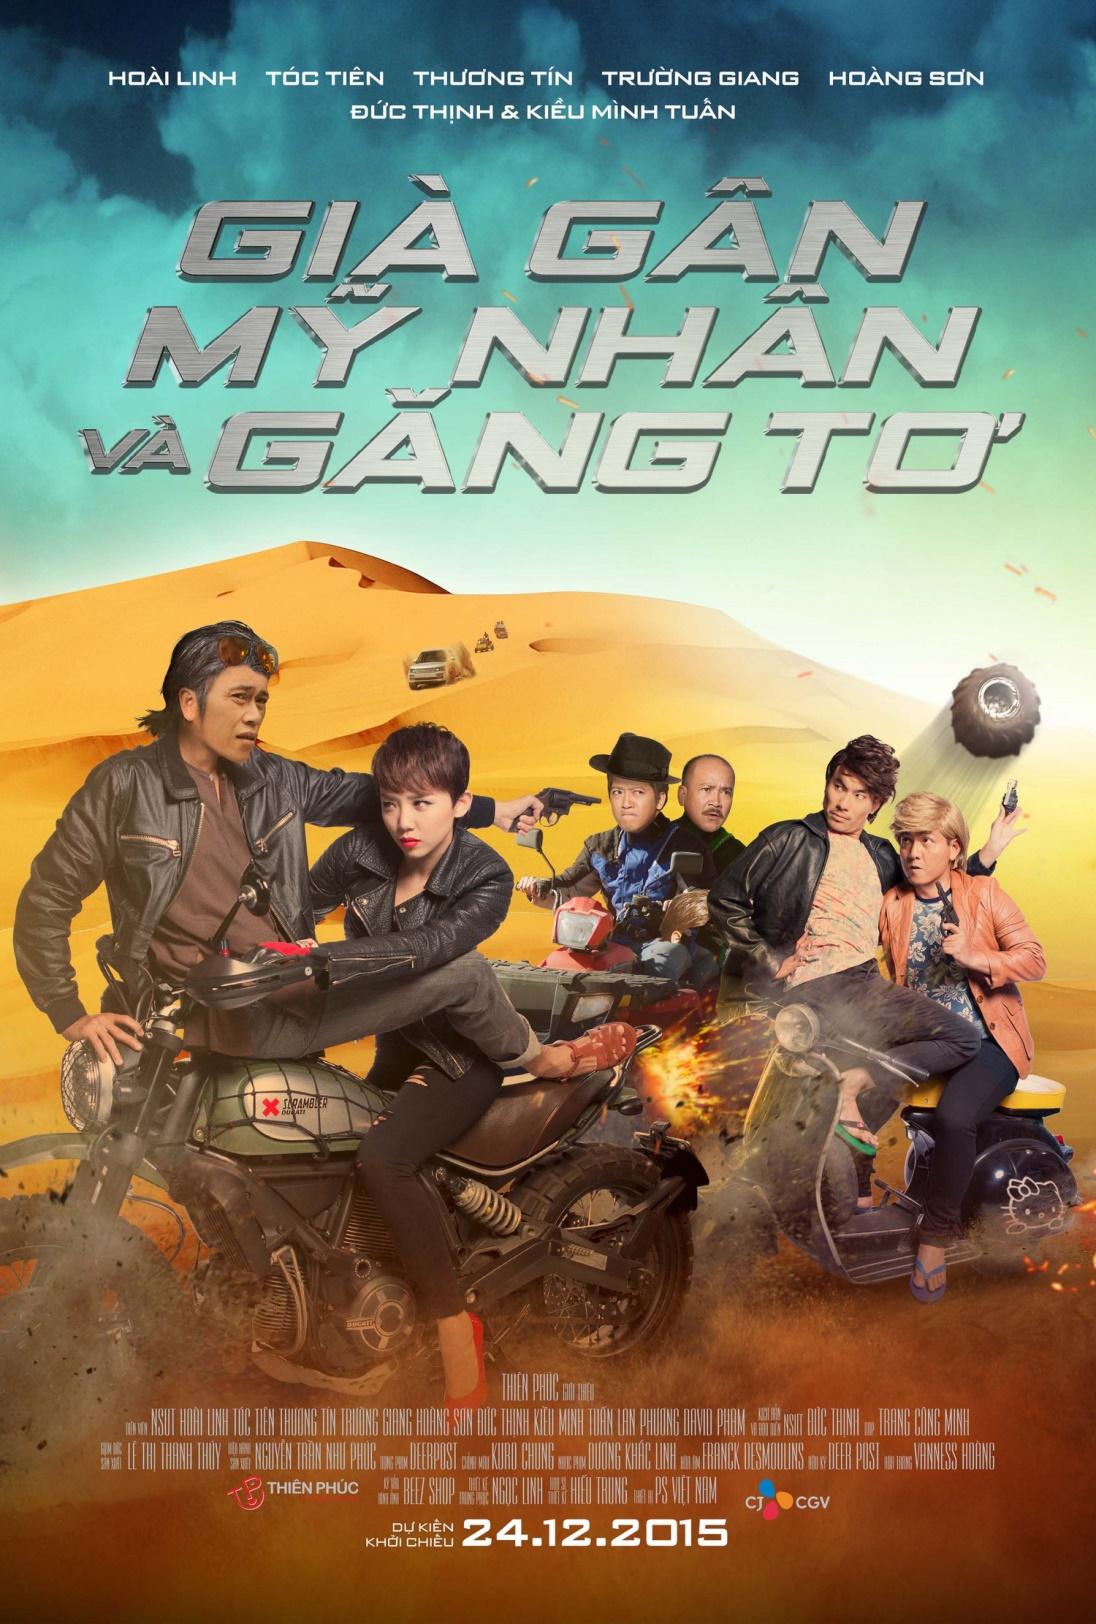 Những phim Việt đang làm mưa làm gió phòng vé tháng 1 - Ảnh 1.